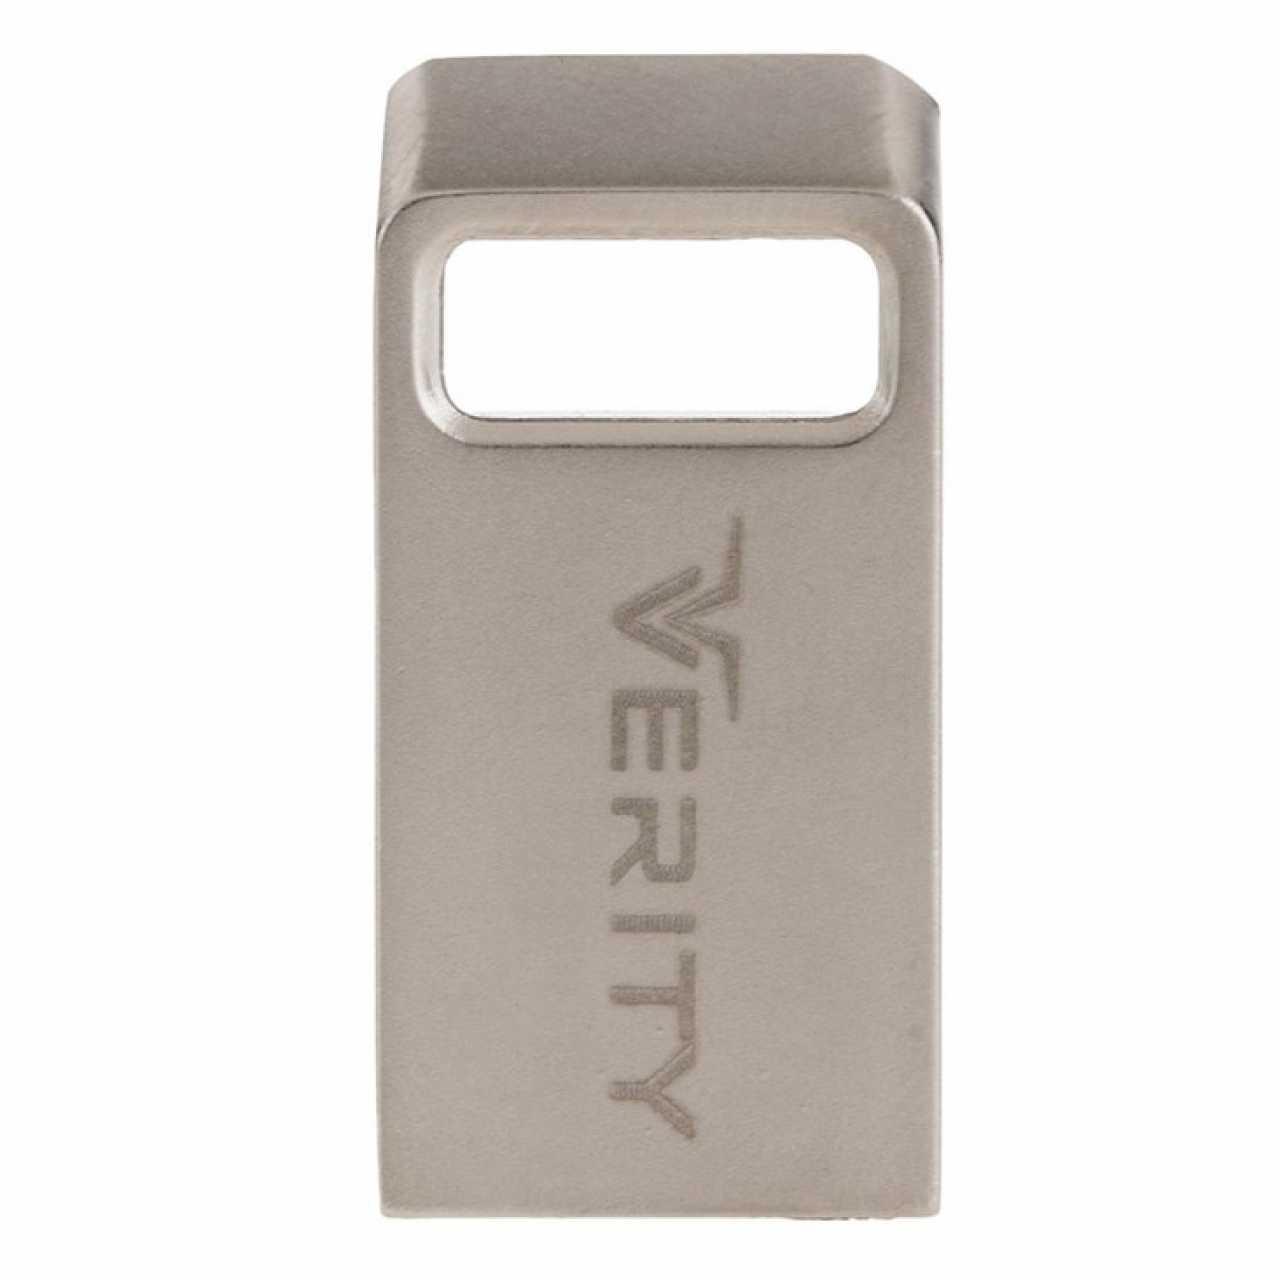 فلش مموری Verity V810-16GB